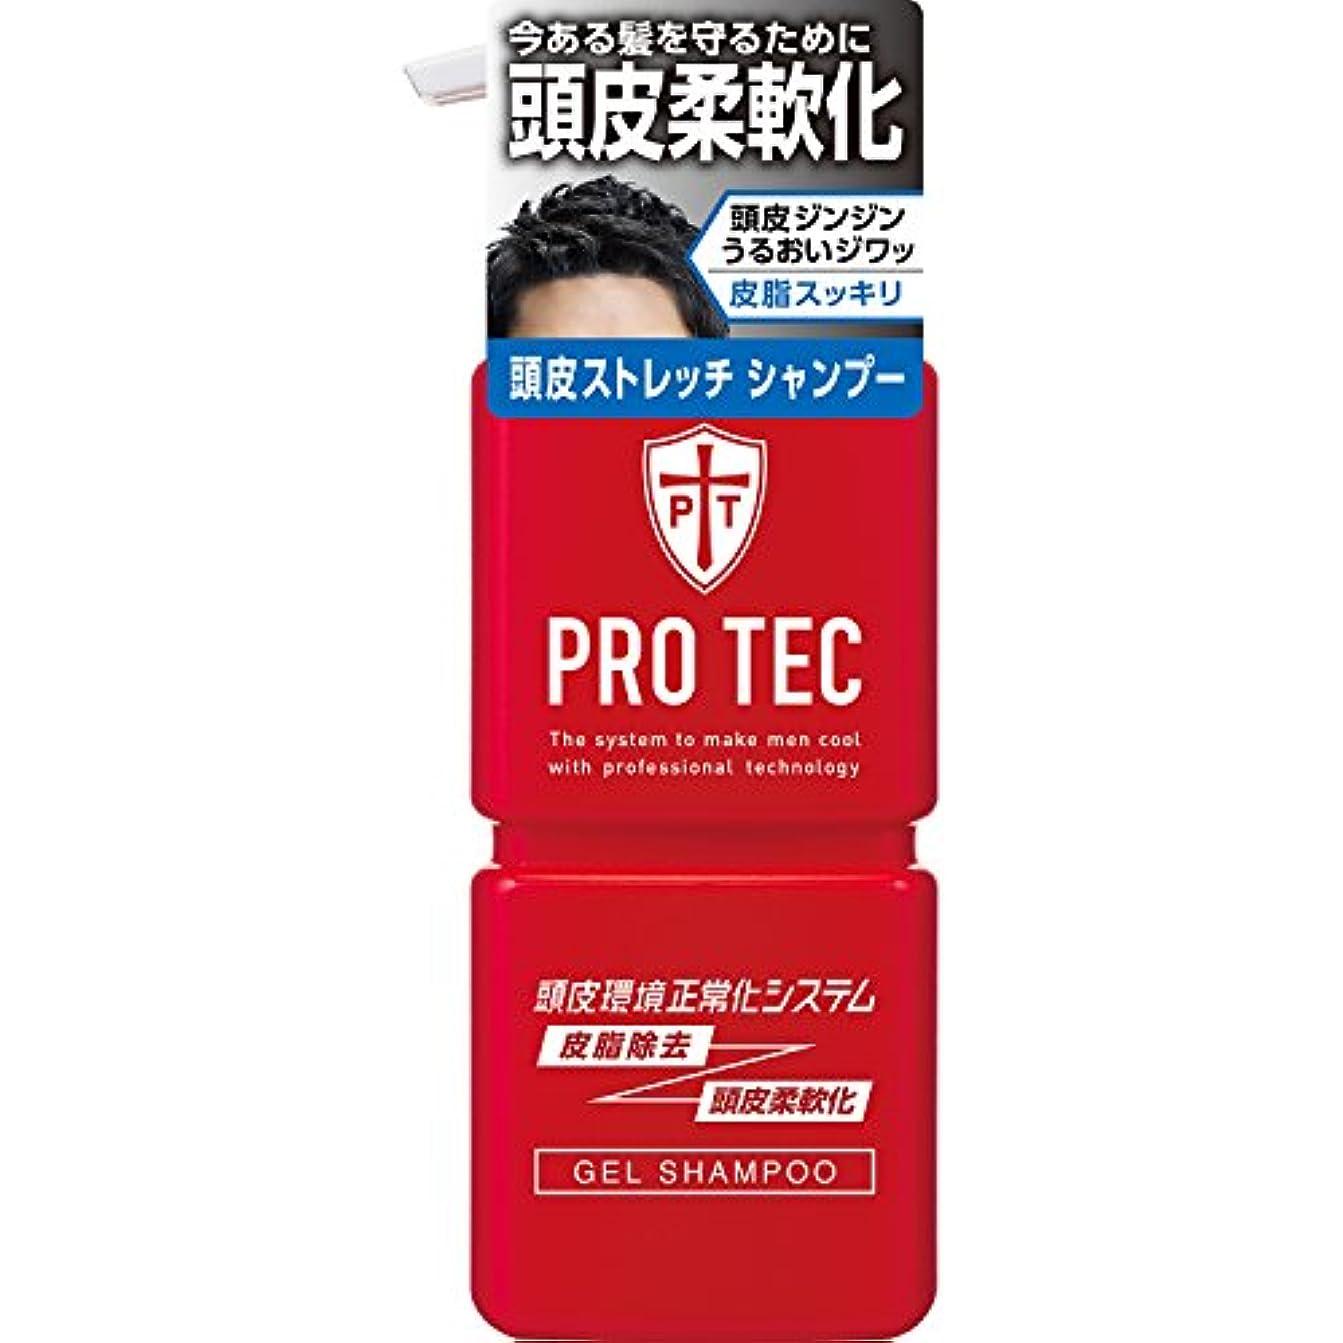 シュガー砲兵マイルストーンPRO TEC(プロテク) 頭皮ストレッチ シャンプー 本体ポンプ 300g(医薬部外品)